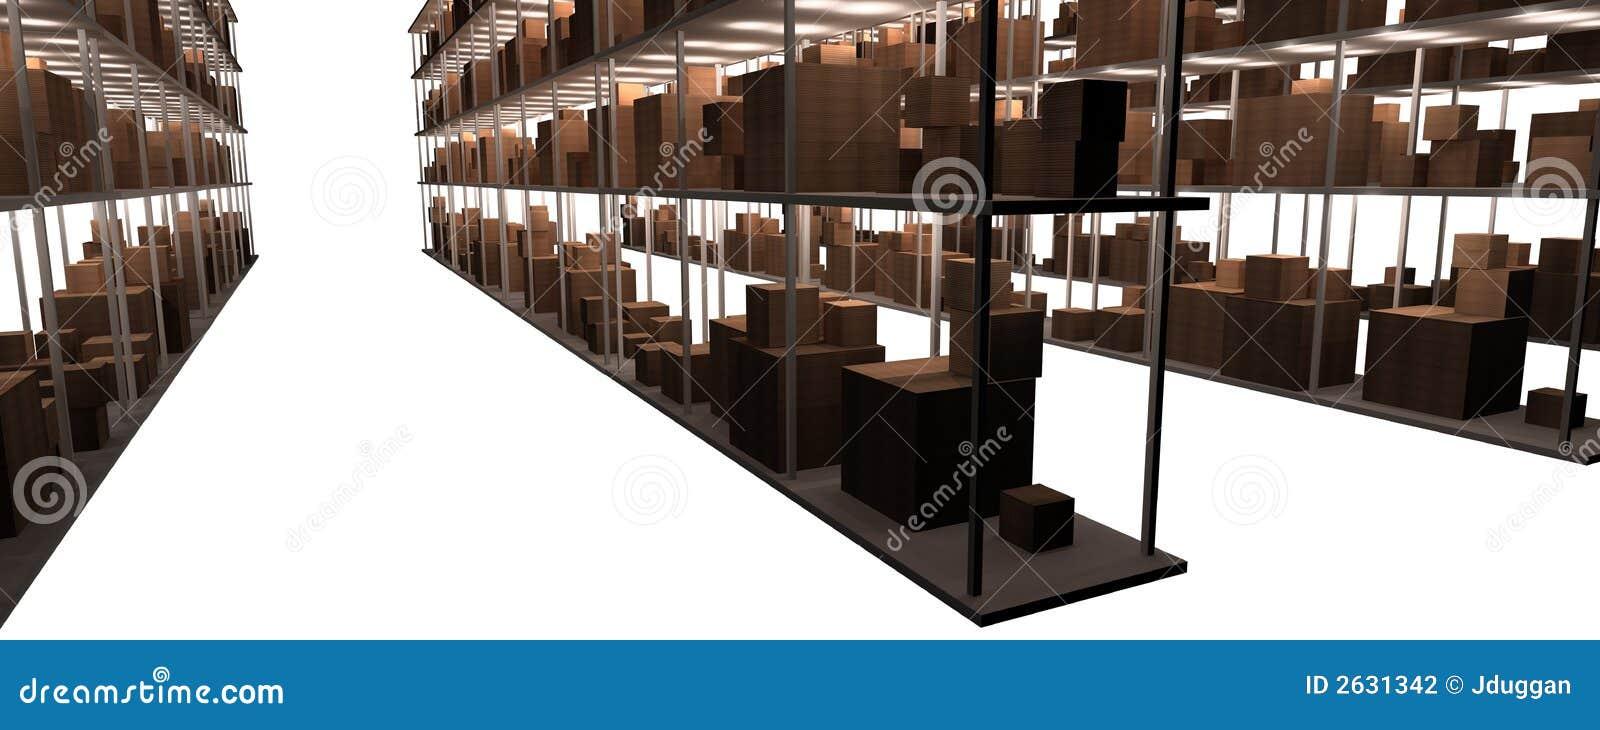 αποθήκη εμπορευμάτων απ&omicro